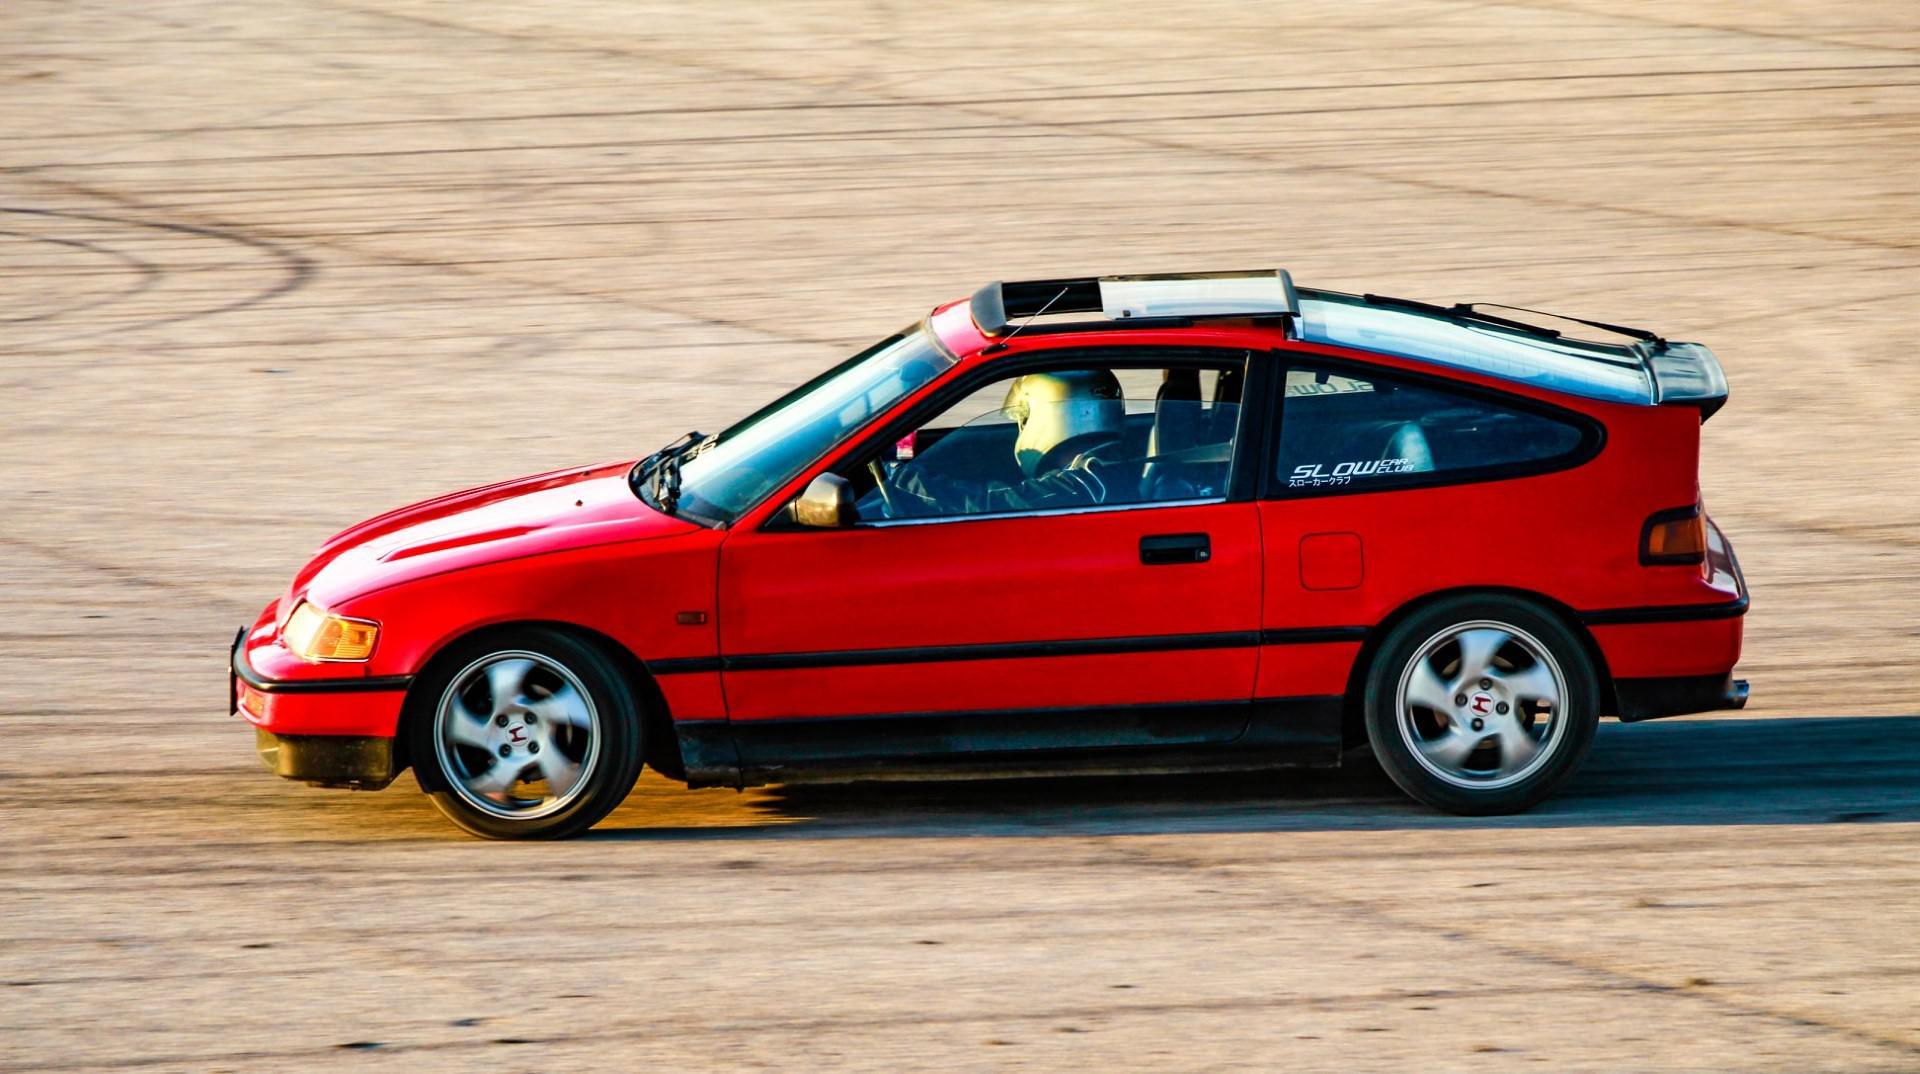 preparer-une-voiture-pour-la-course-au-maroc-1255-50.jpg